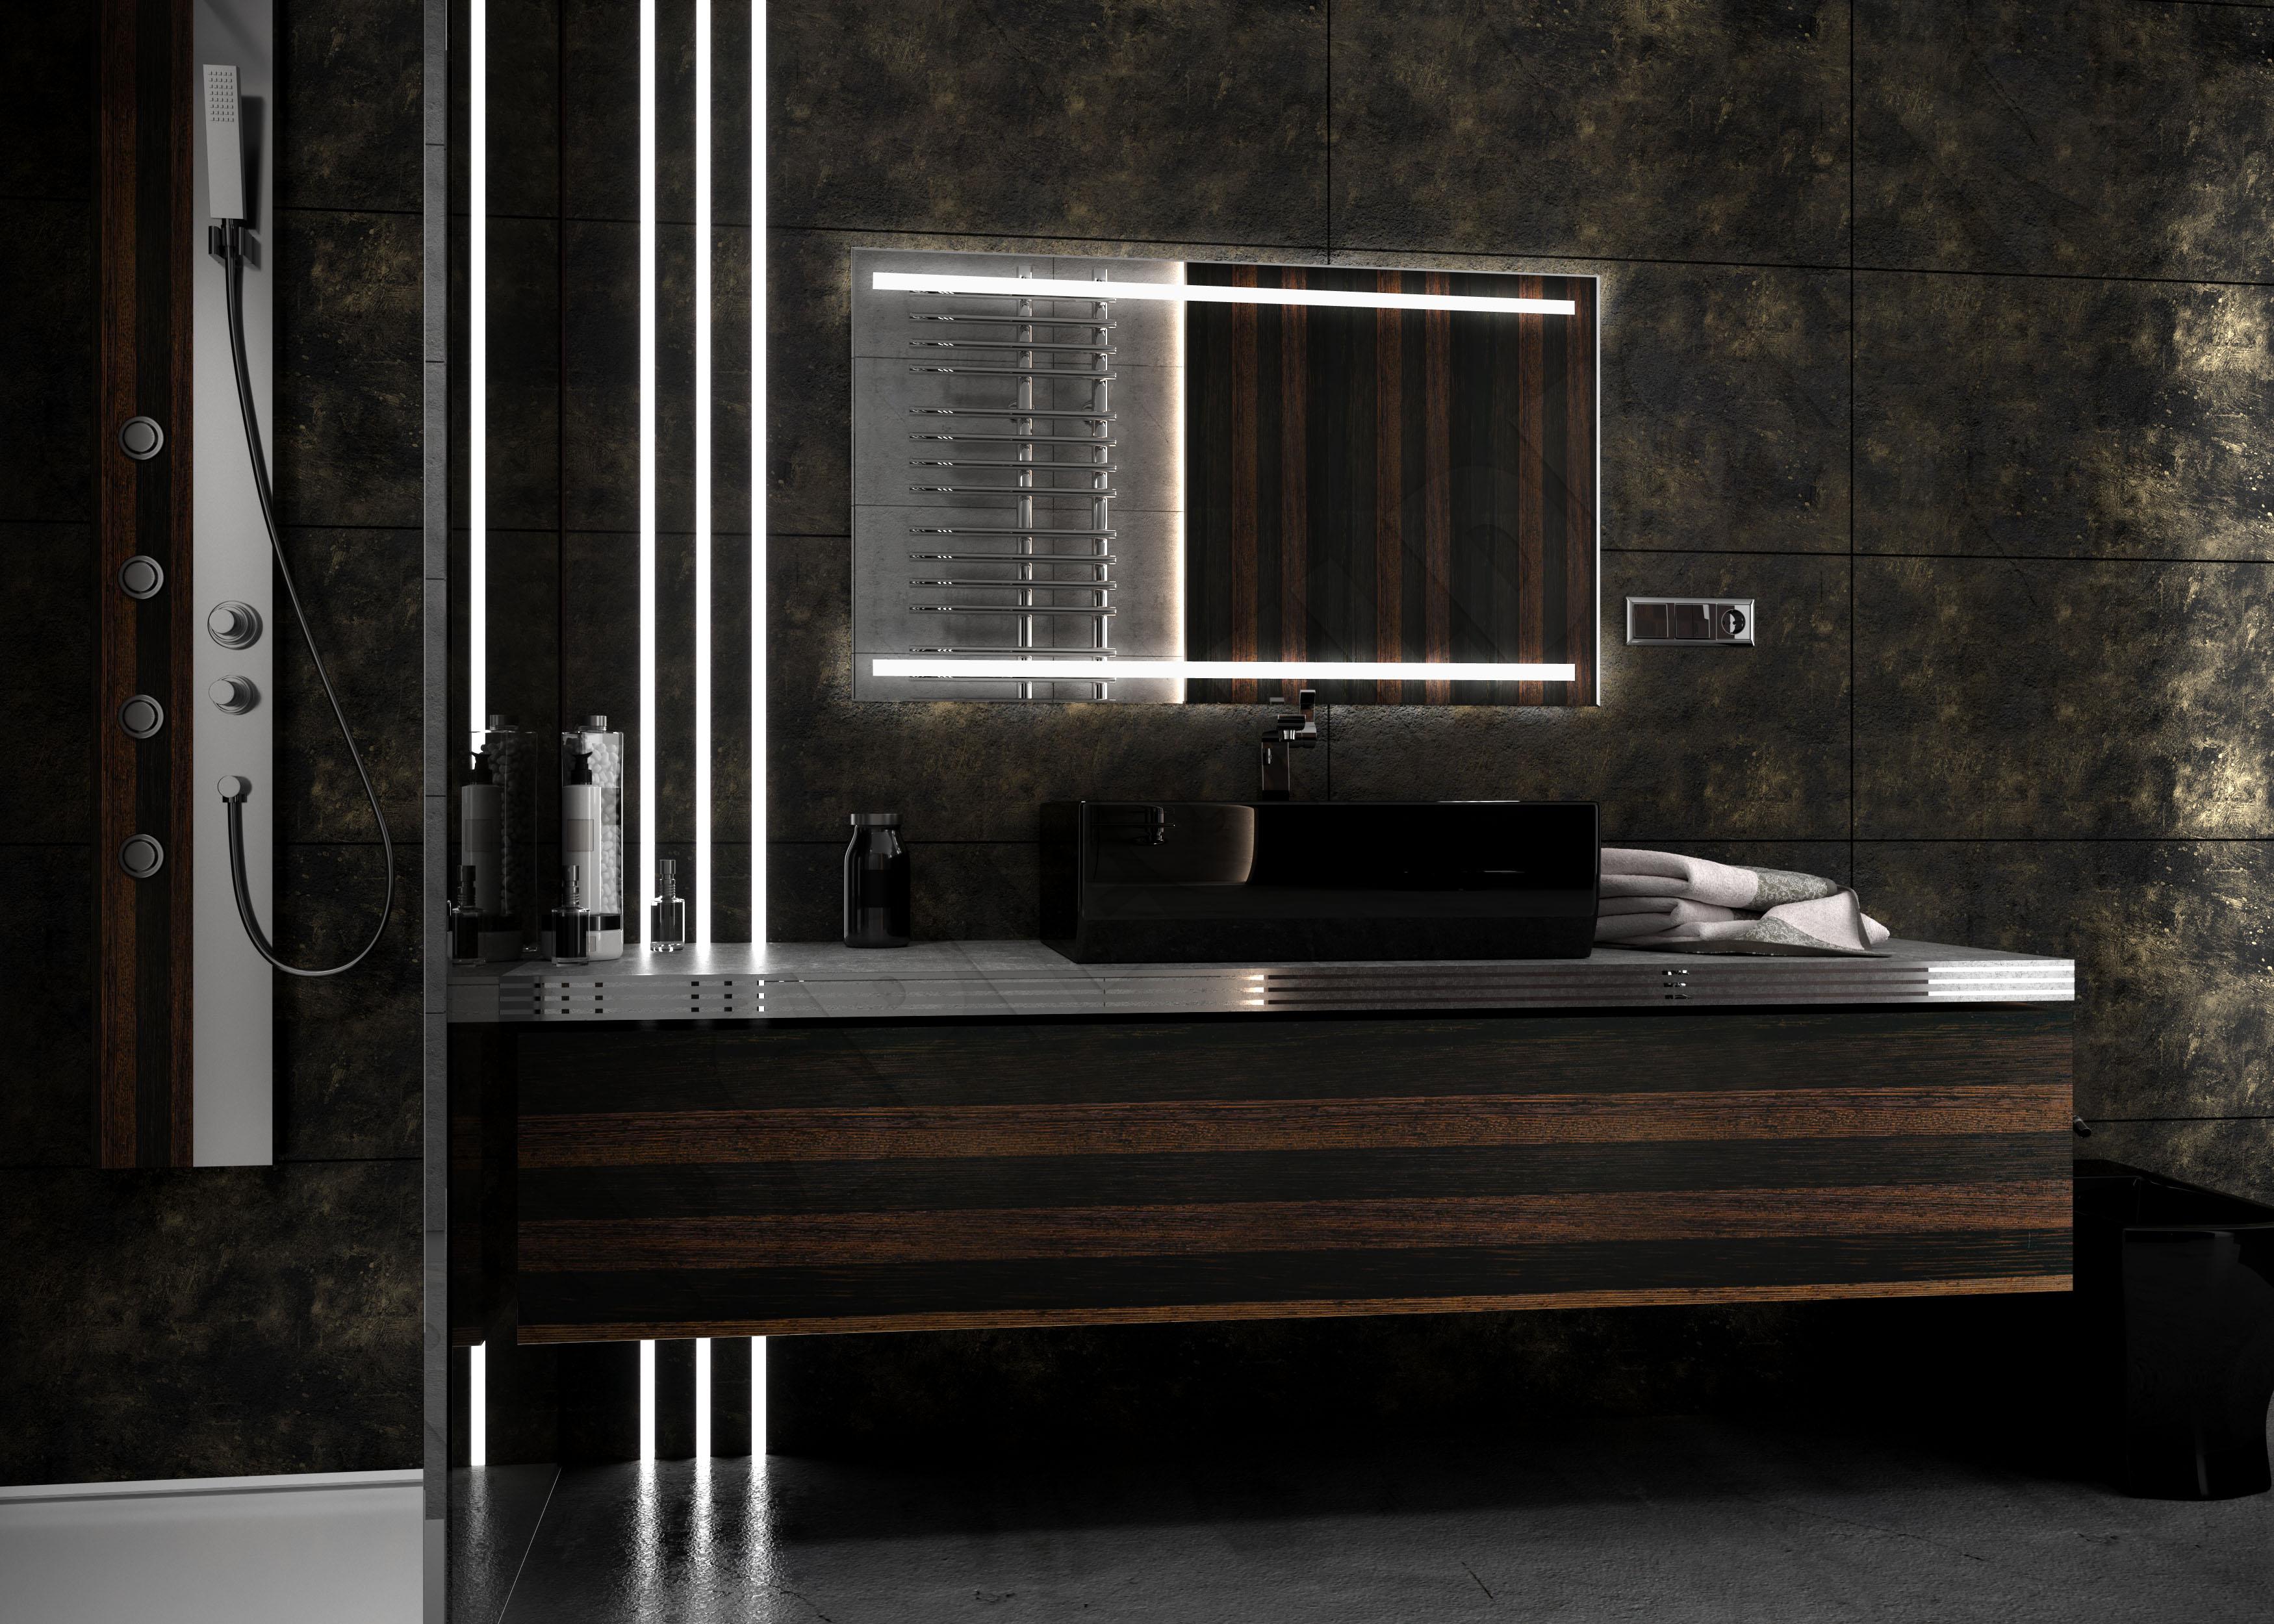 Neu Design Empower 120 70 Ledspiegel Badspiegel